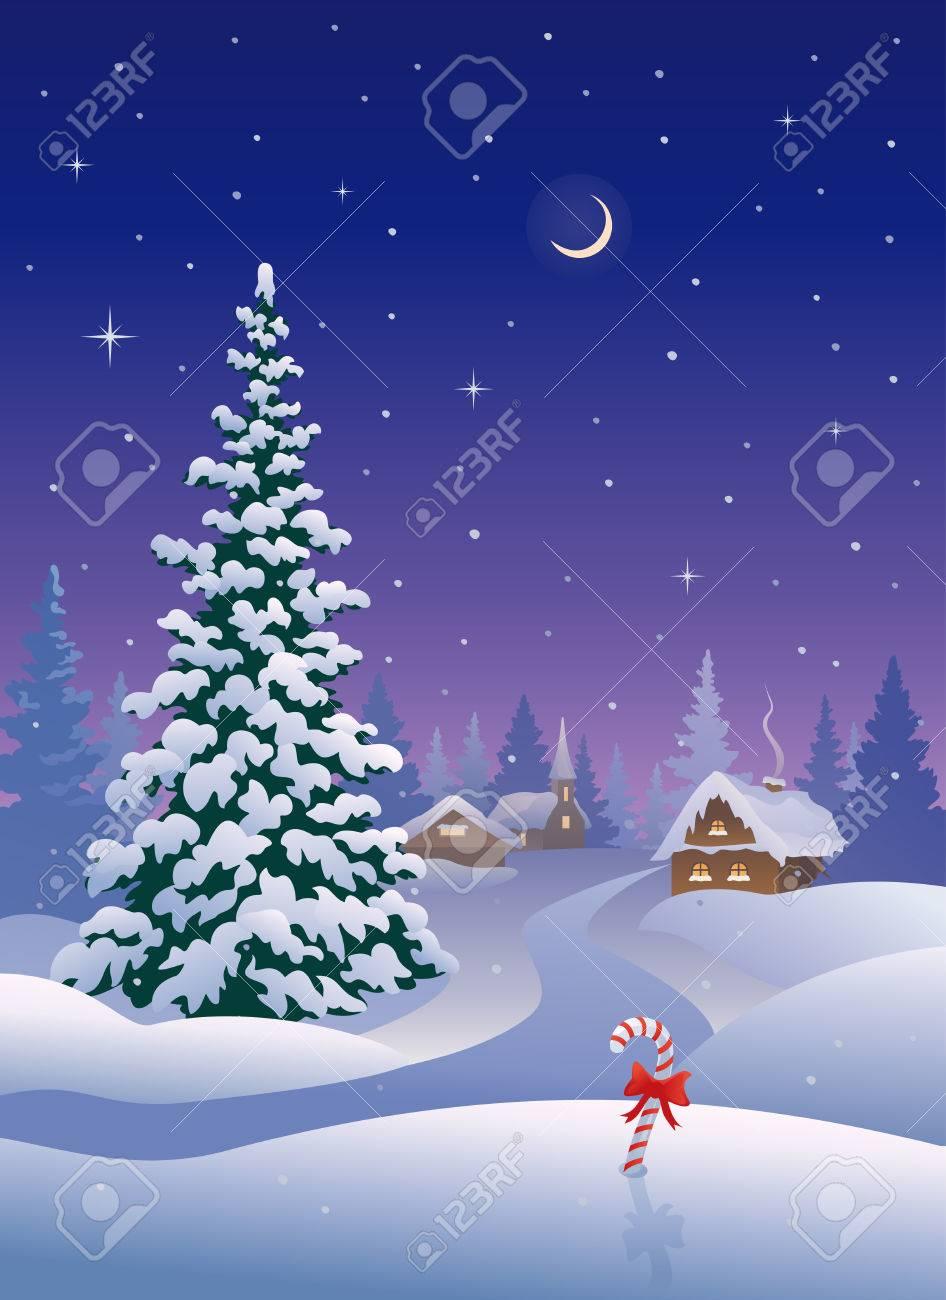 雪のクリスマスの村のイラスト ...